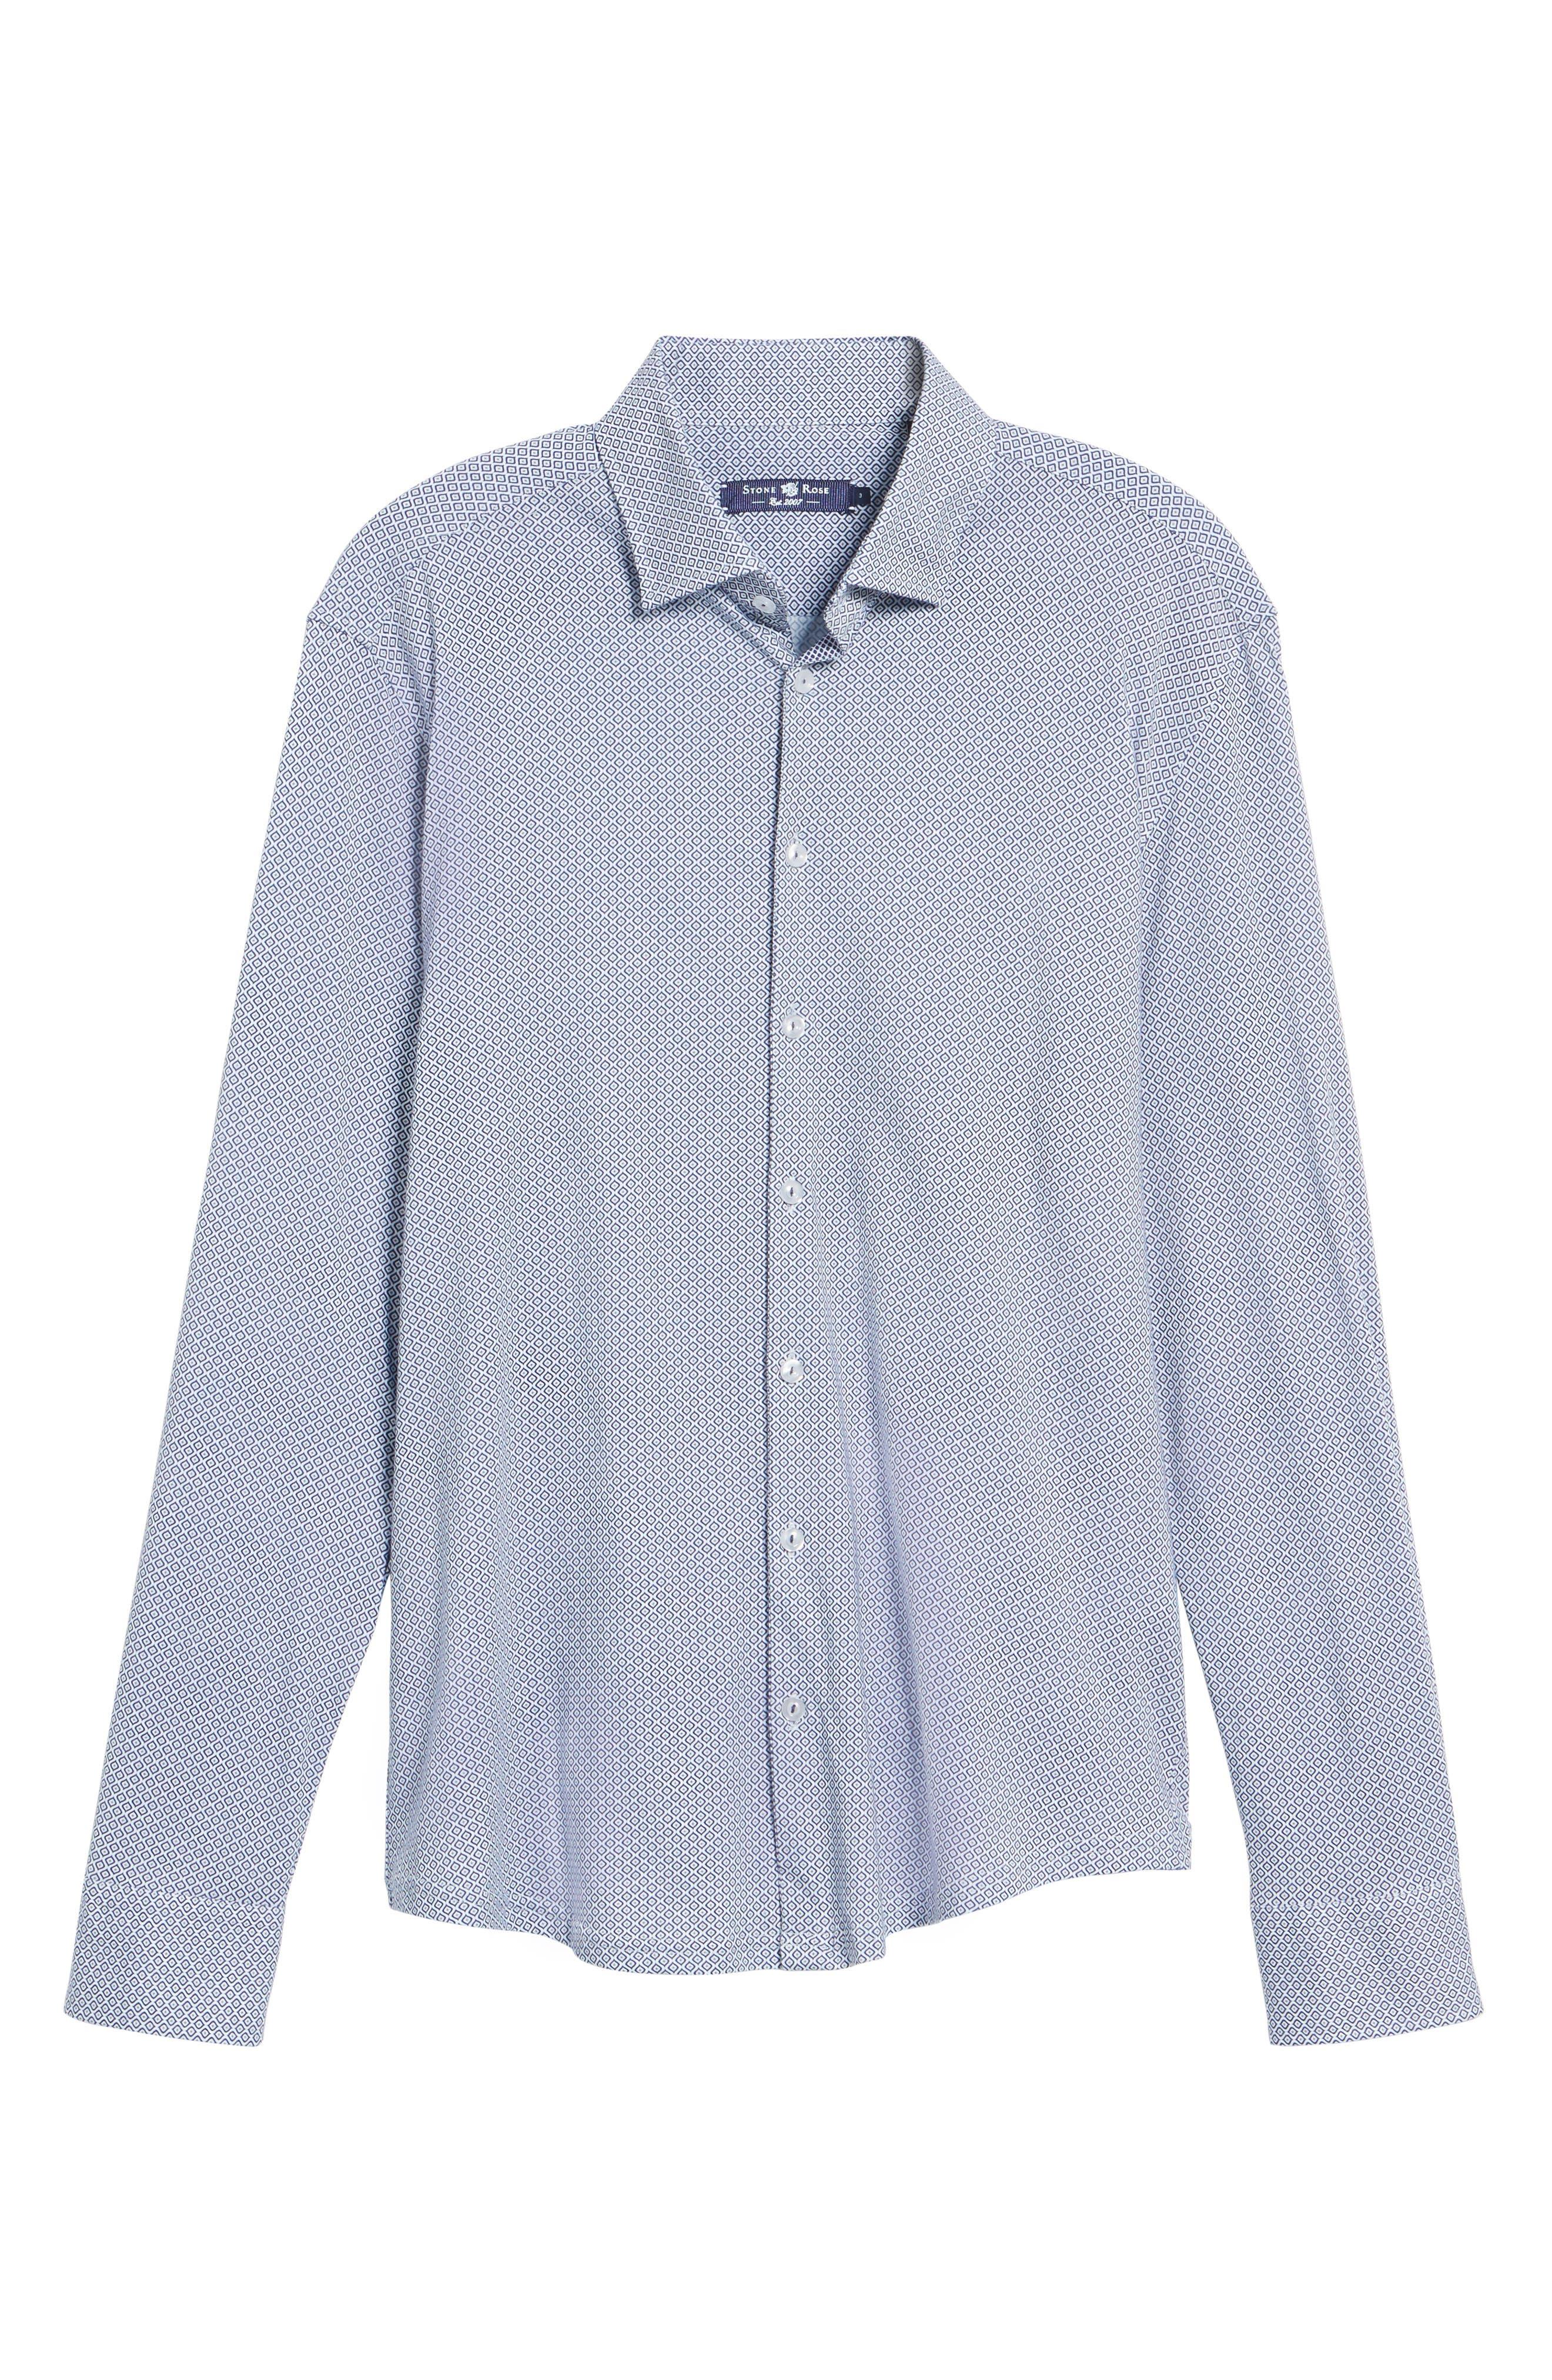 Diamond Print Knit Sport Shirt,                             Alternate thumbnail 6, color,                             100